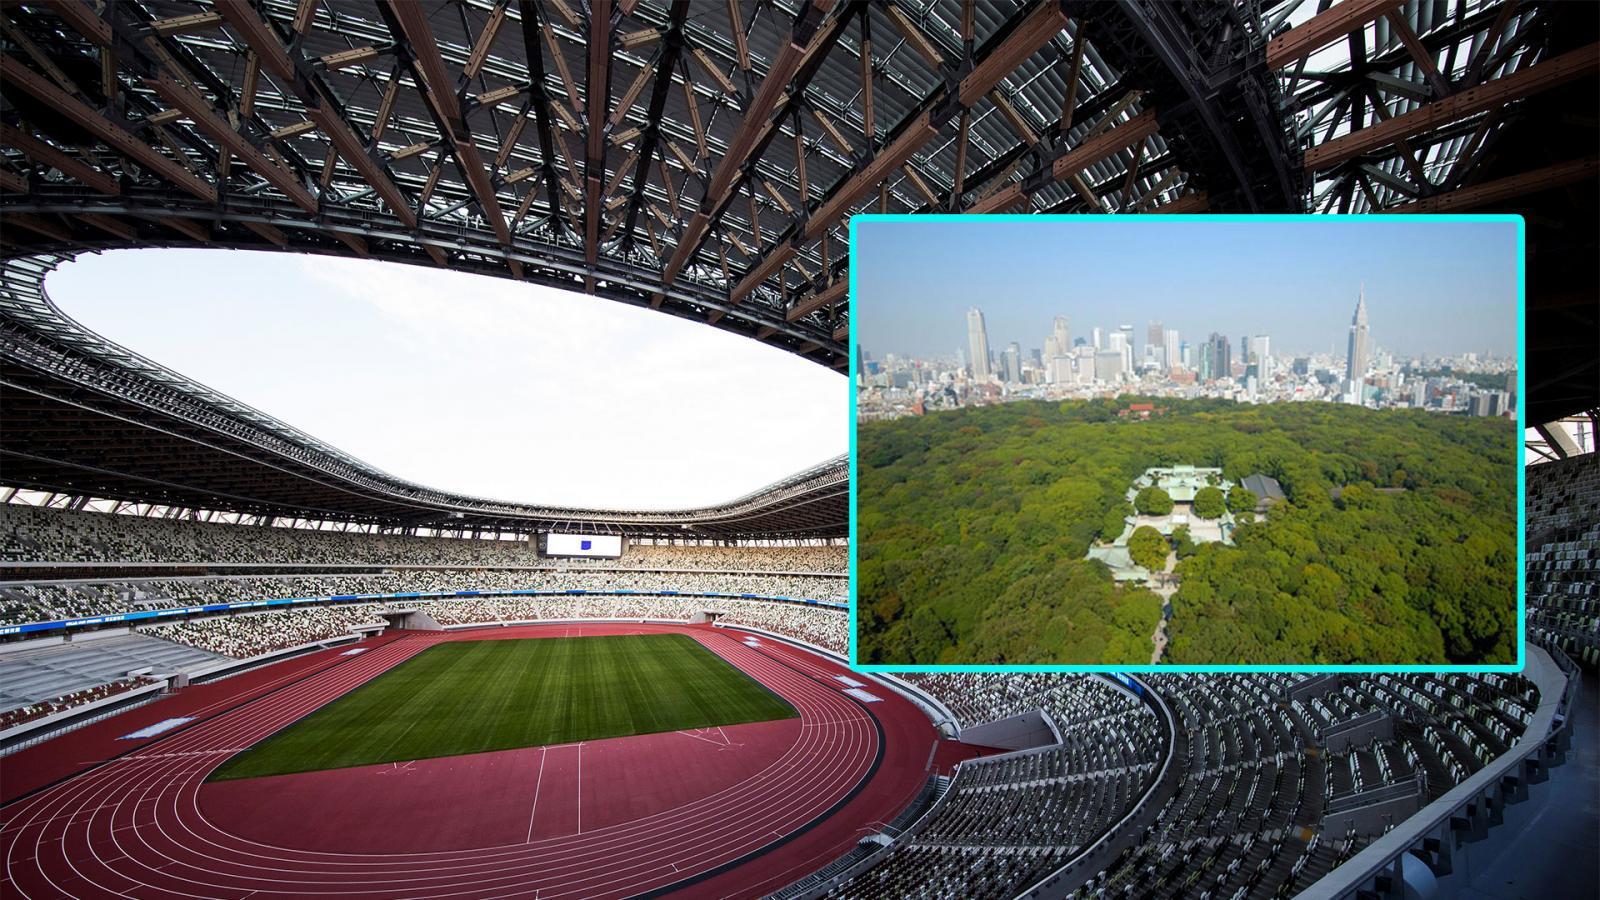 ญี่ปุ่นออกแบบ สนามกีฬาโตเกียวโอลิมปิก 2020 ให้ต่ำที่สุด หวั่นบดบังวิวต้นไม้ในศาลเจ้าเมจิ